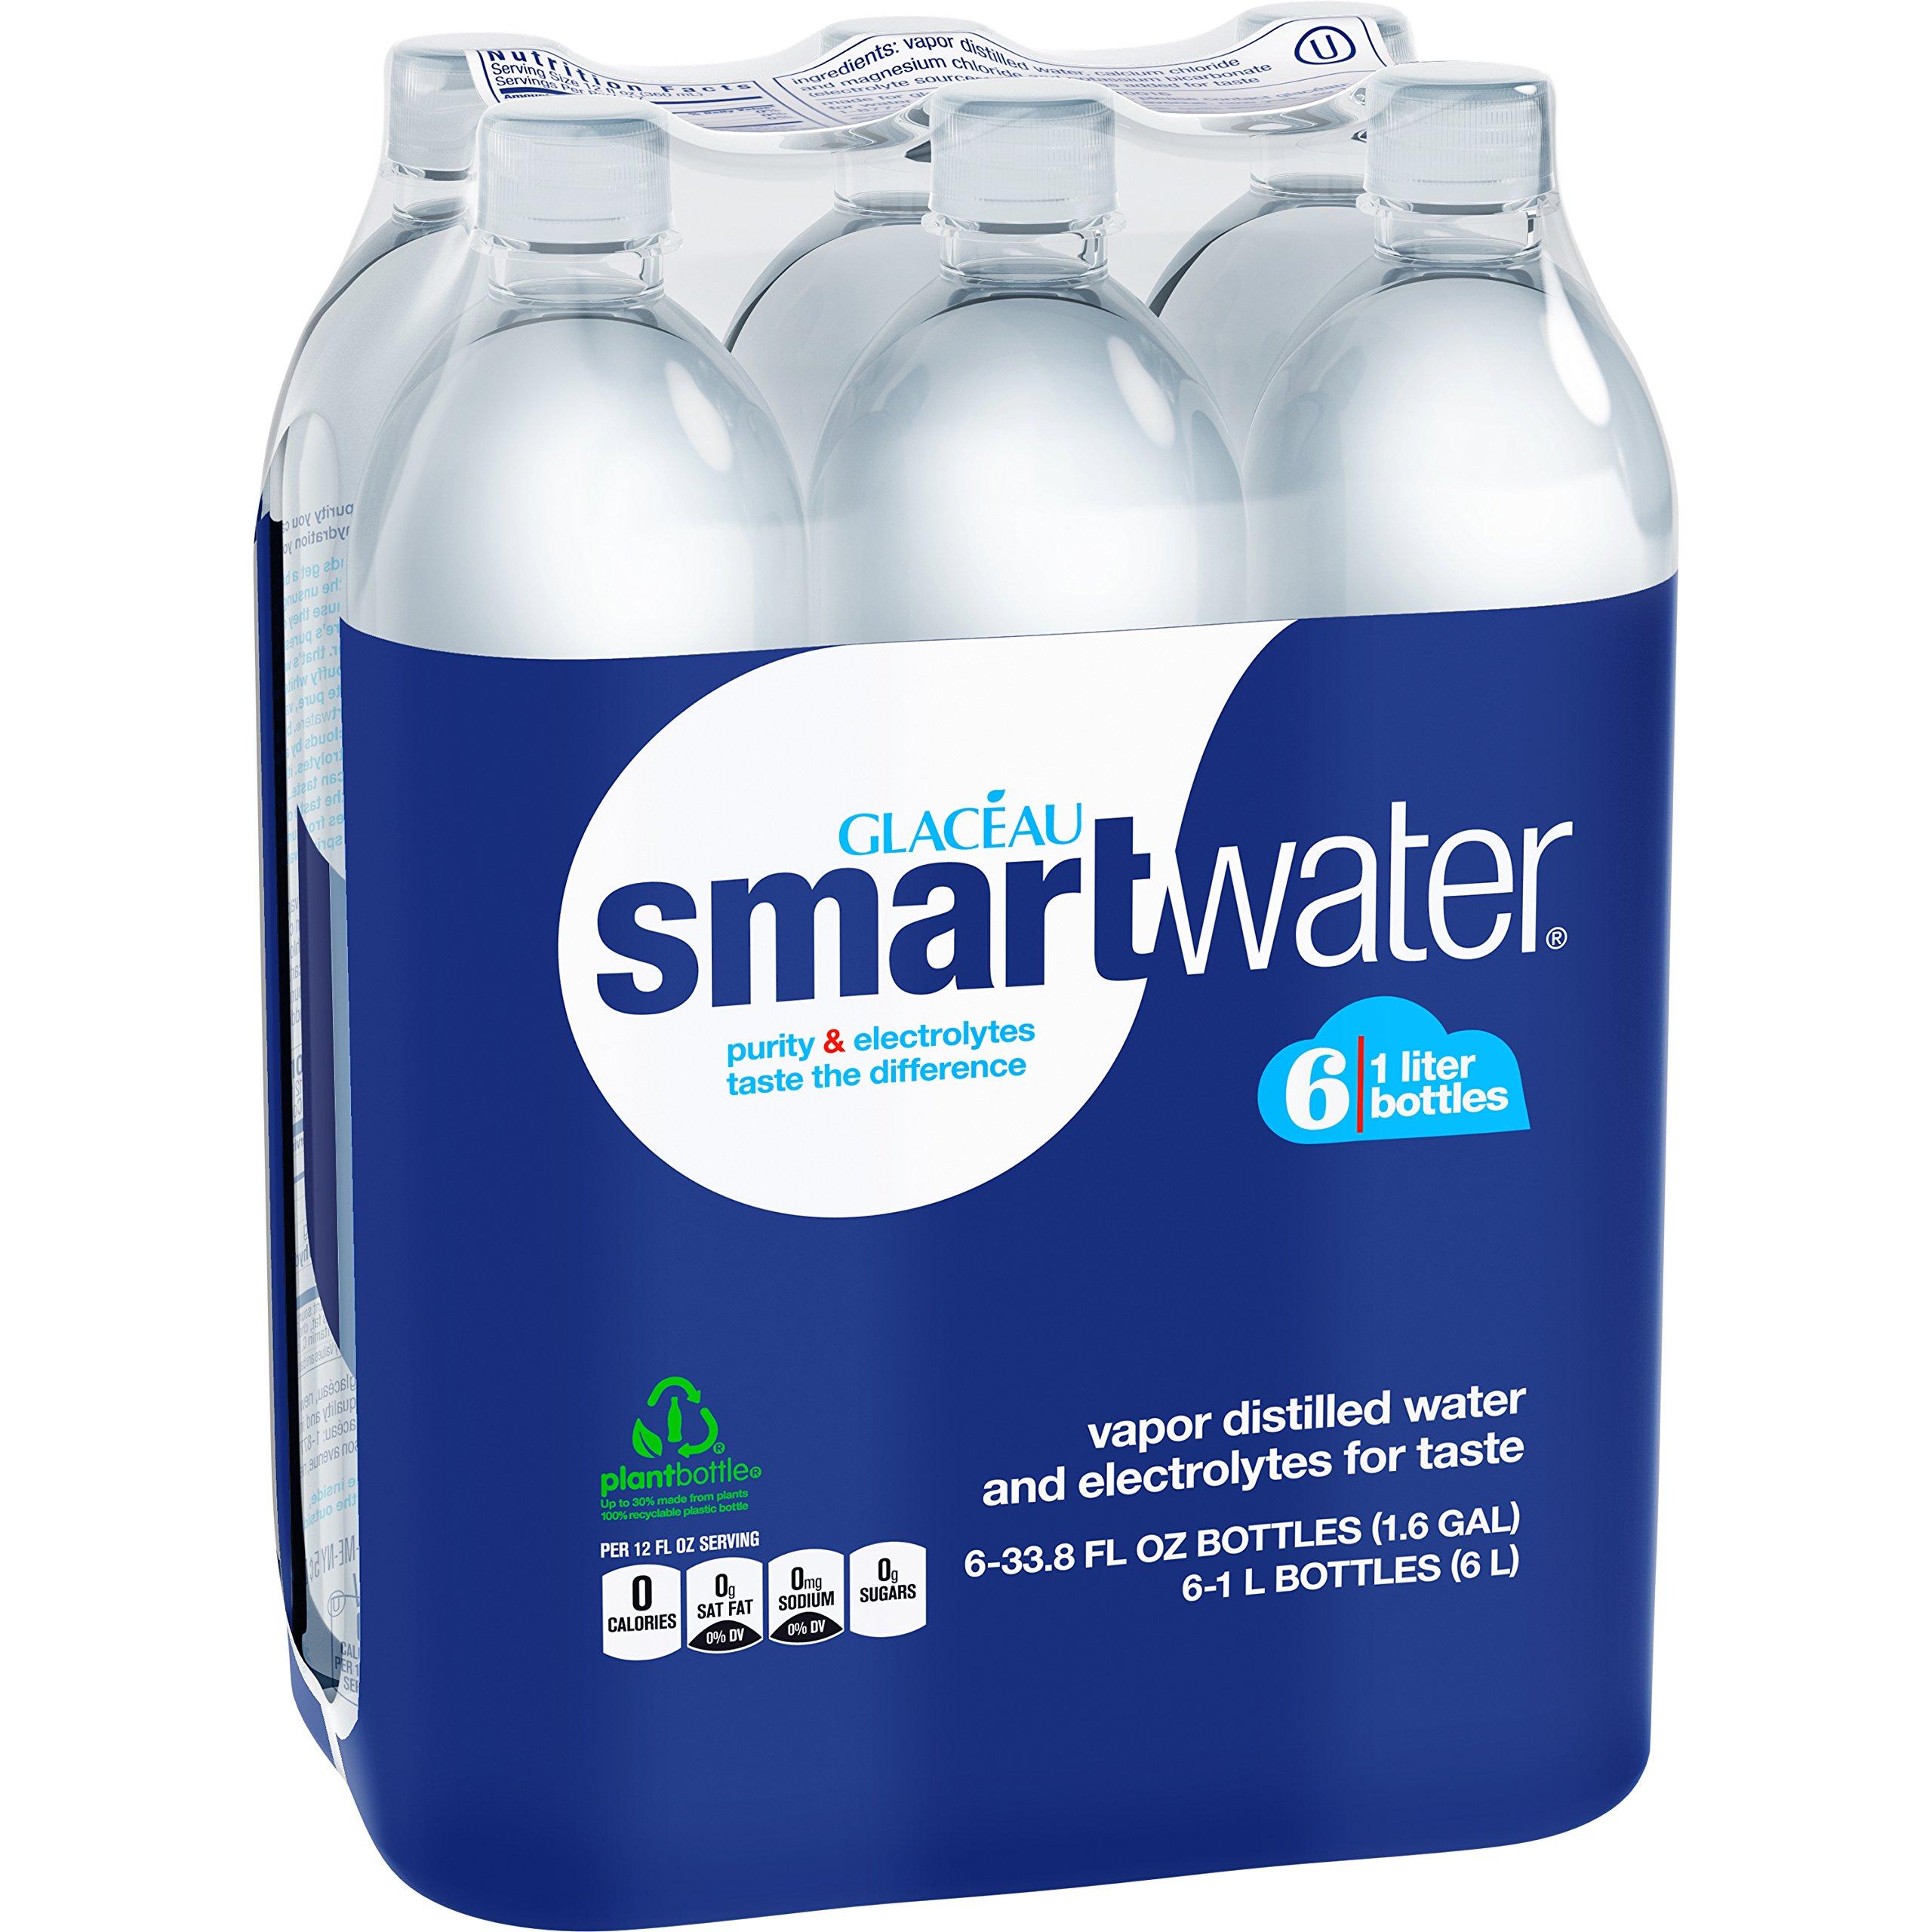 Buy Water Now!